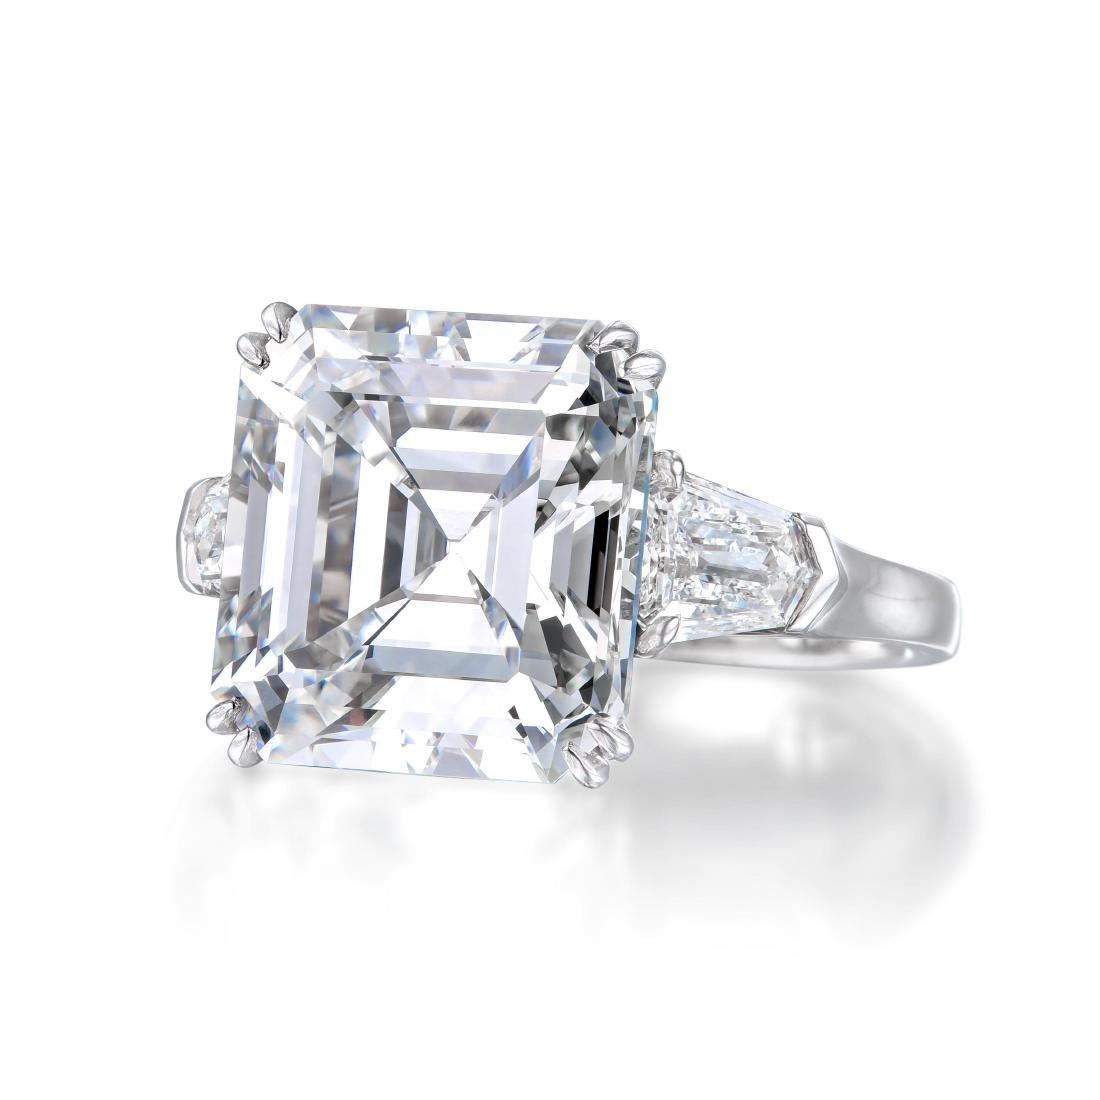 A 10.67-Carat D IF Asscher-Cut Diamond Ring - 3